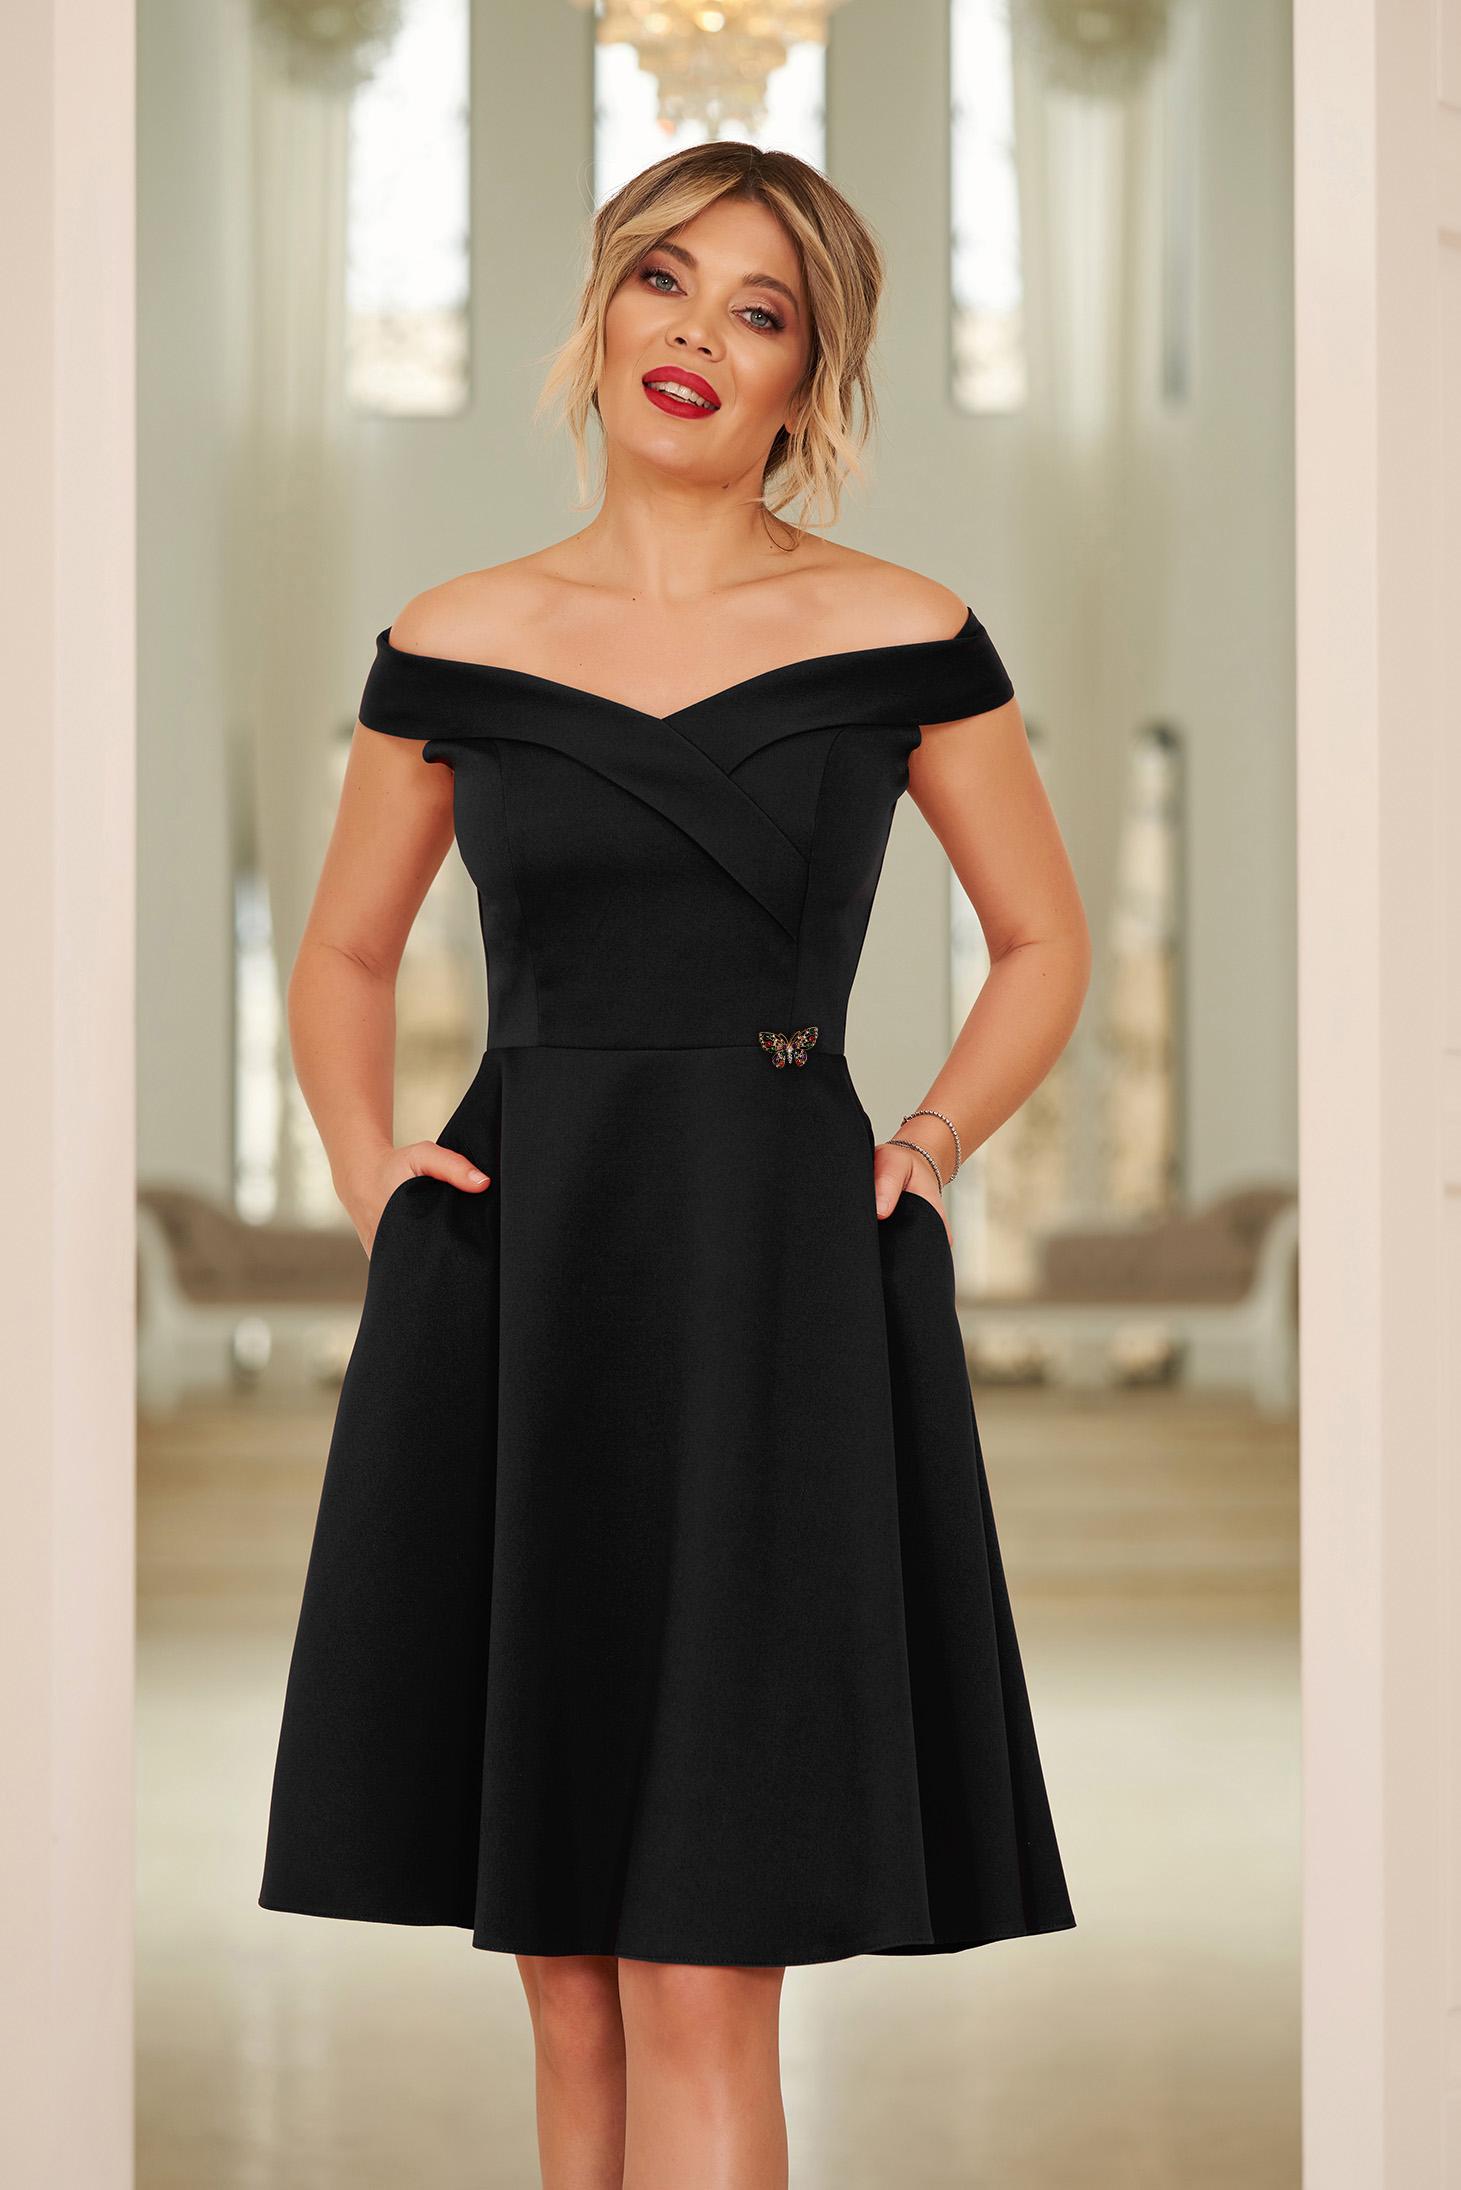 Fekete StarShinerS alkalmi elegáns harang dekoltált váll nélküli ruha vékony, rugalmas szövetből